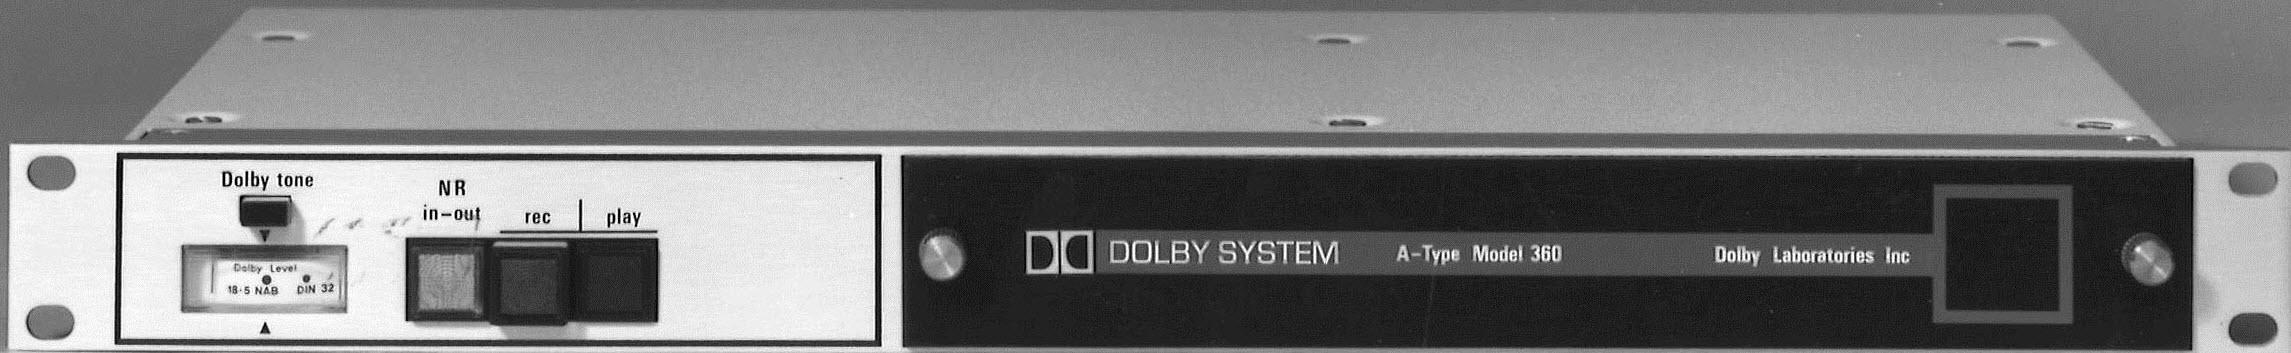 DolbyA-typeNR_Model360-horiz_cropped